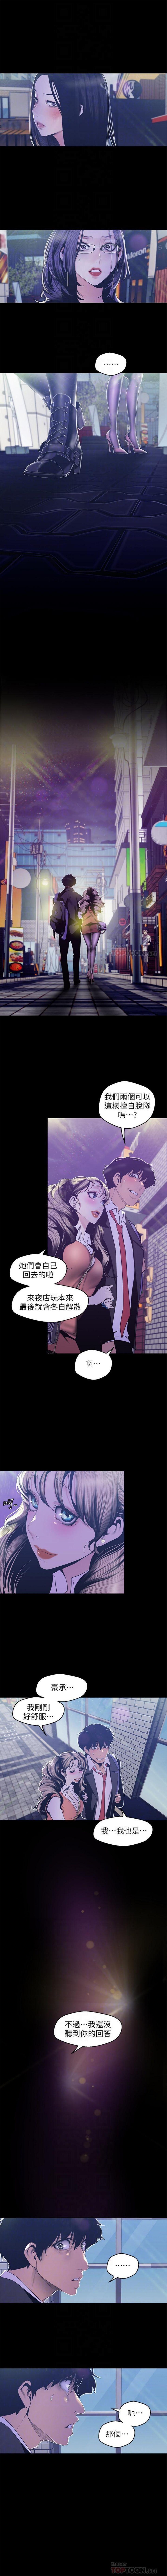 美麗新世界 1-85 官方中文(連載中) 659